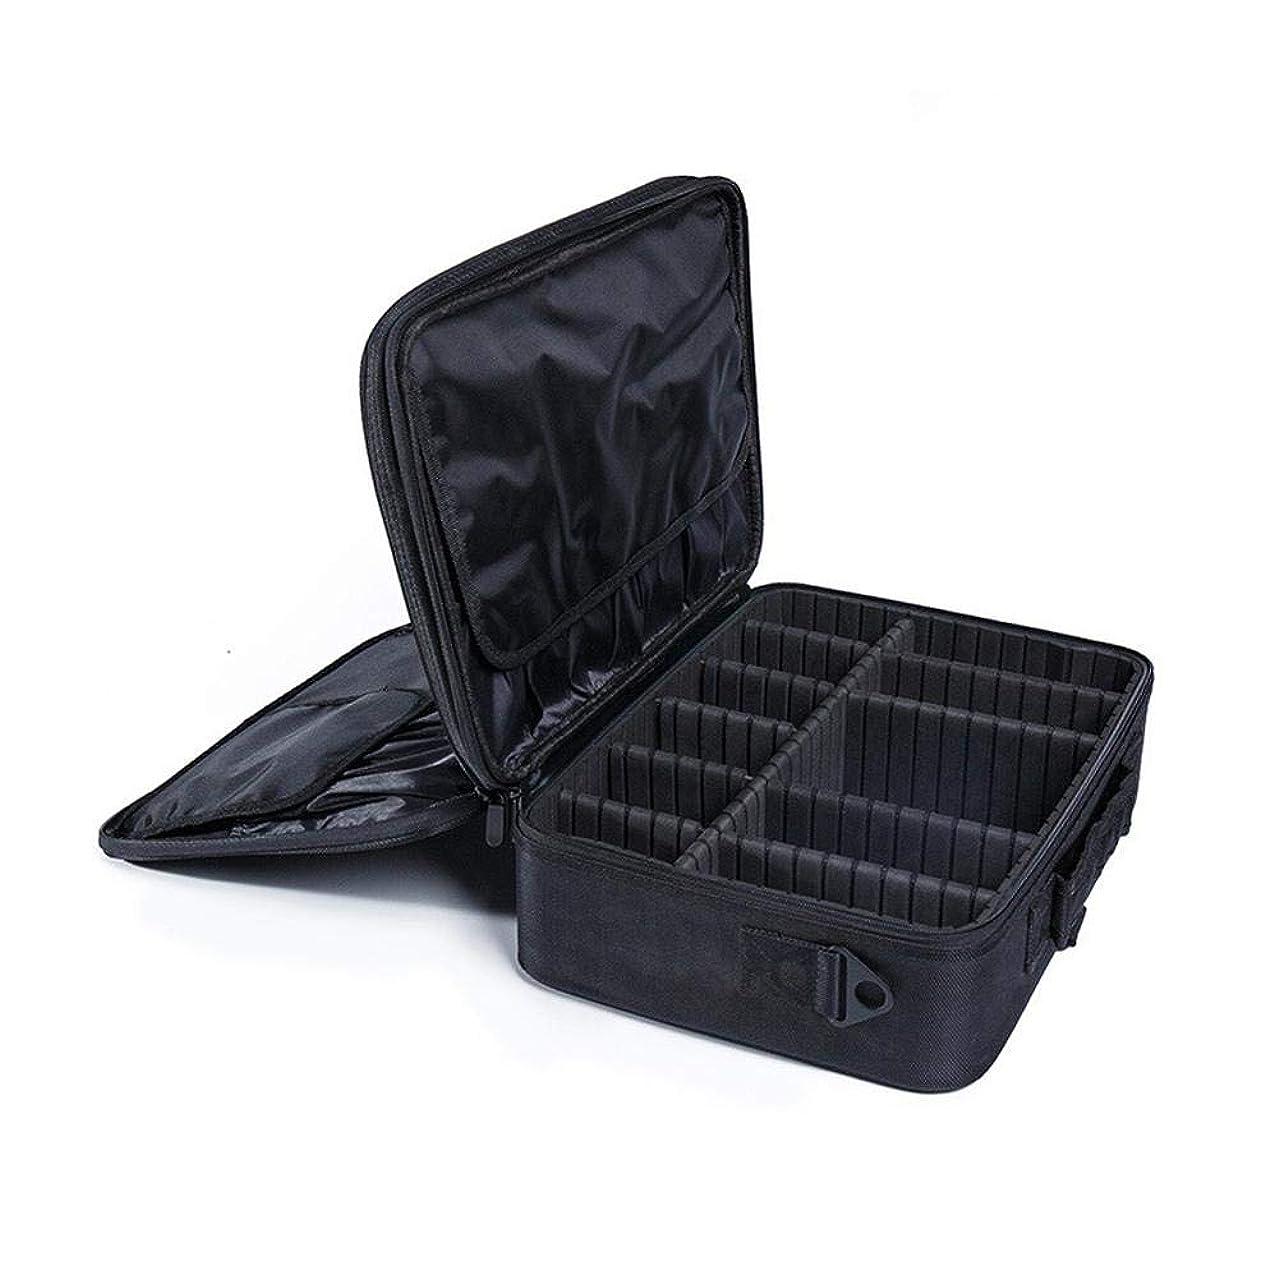 従順休眠提案する収納ボックス プロのタトゥーマニキュア収納ツールボックス大型化粧品ケース収納ボックスポータブルメイクトレインケースメイクアップバッグオーガナイザー 高容量、優れたシール性、自由な組み合わせ、耐摩耗性、内部レイアウトの調整、高級オックスフォードクロス素材